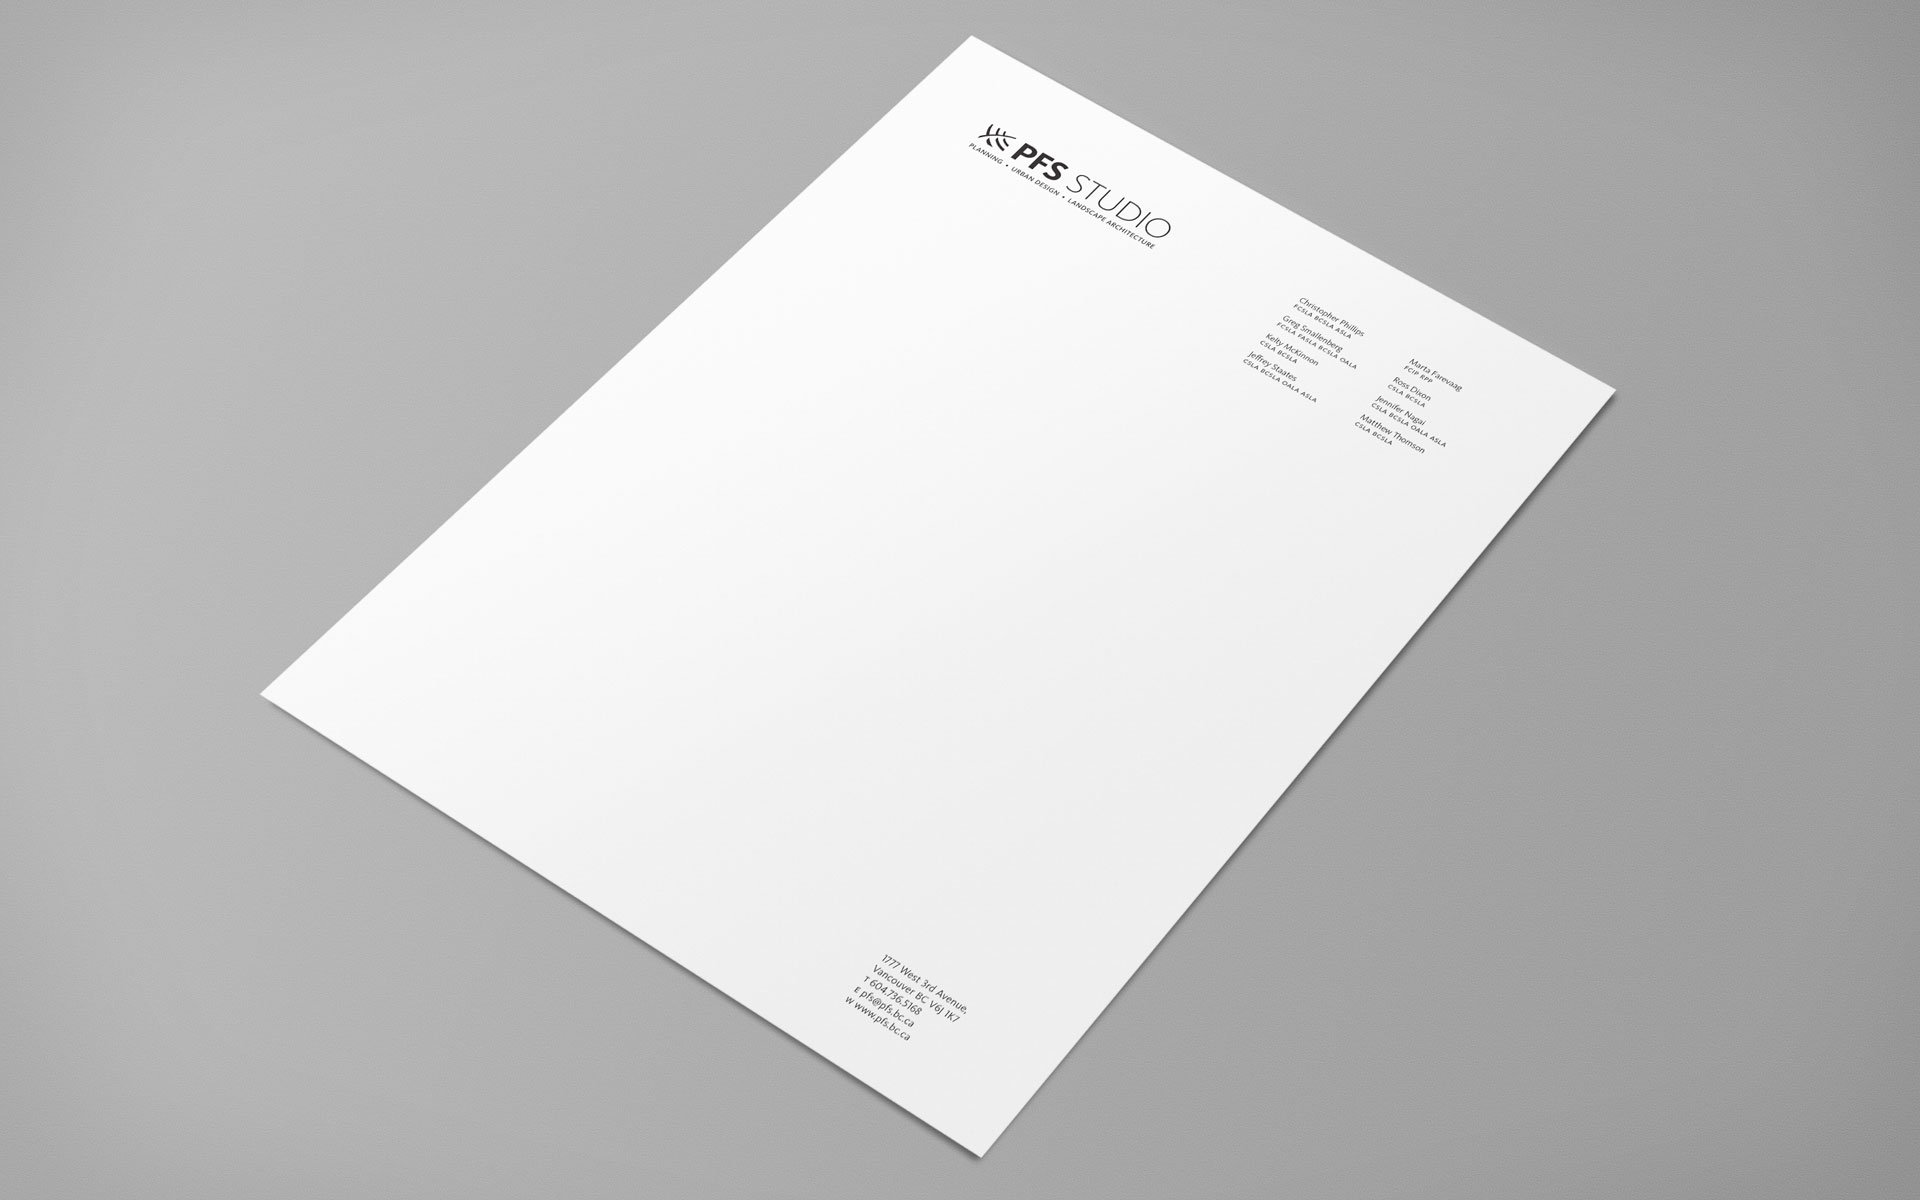 pfs-landscape-architecture-letterhead-3